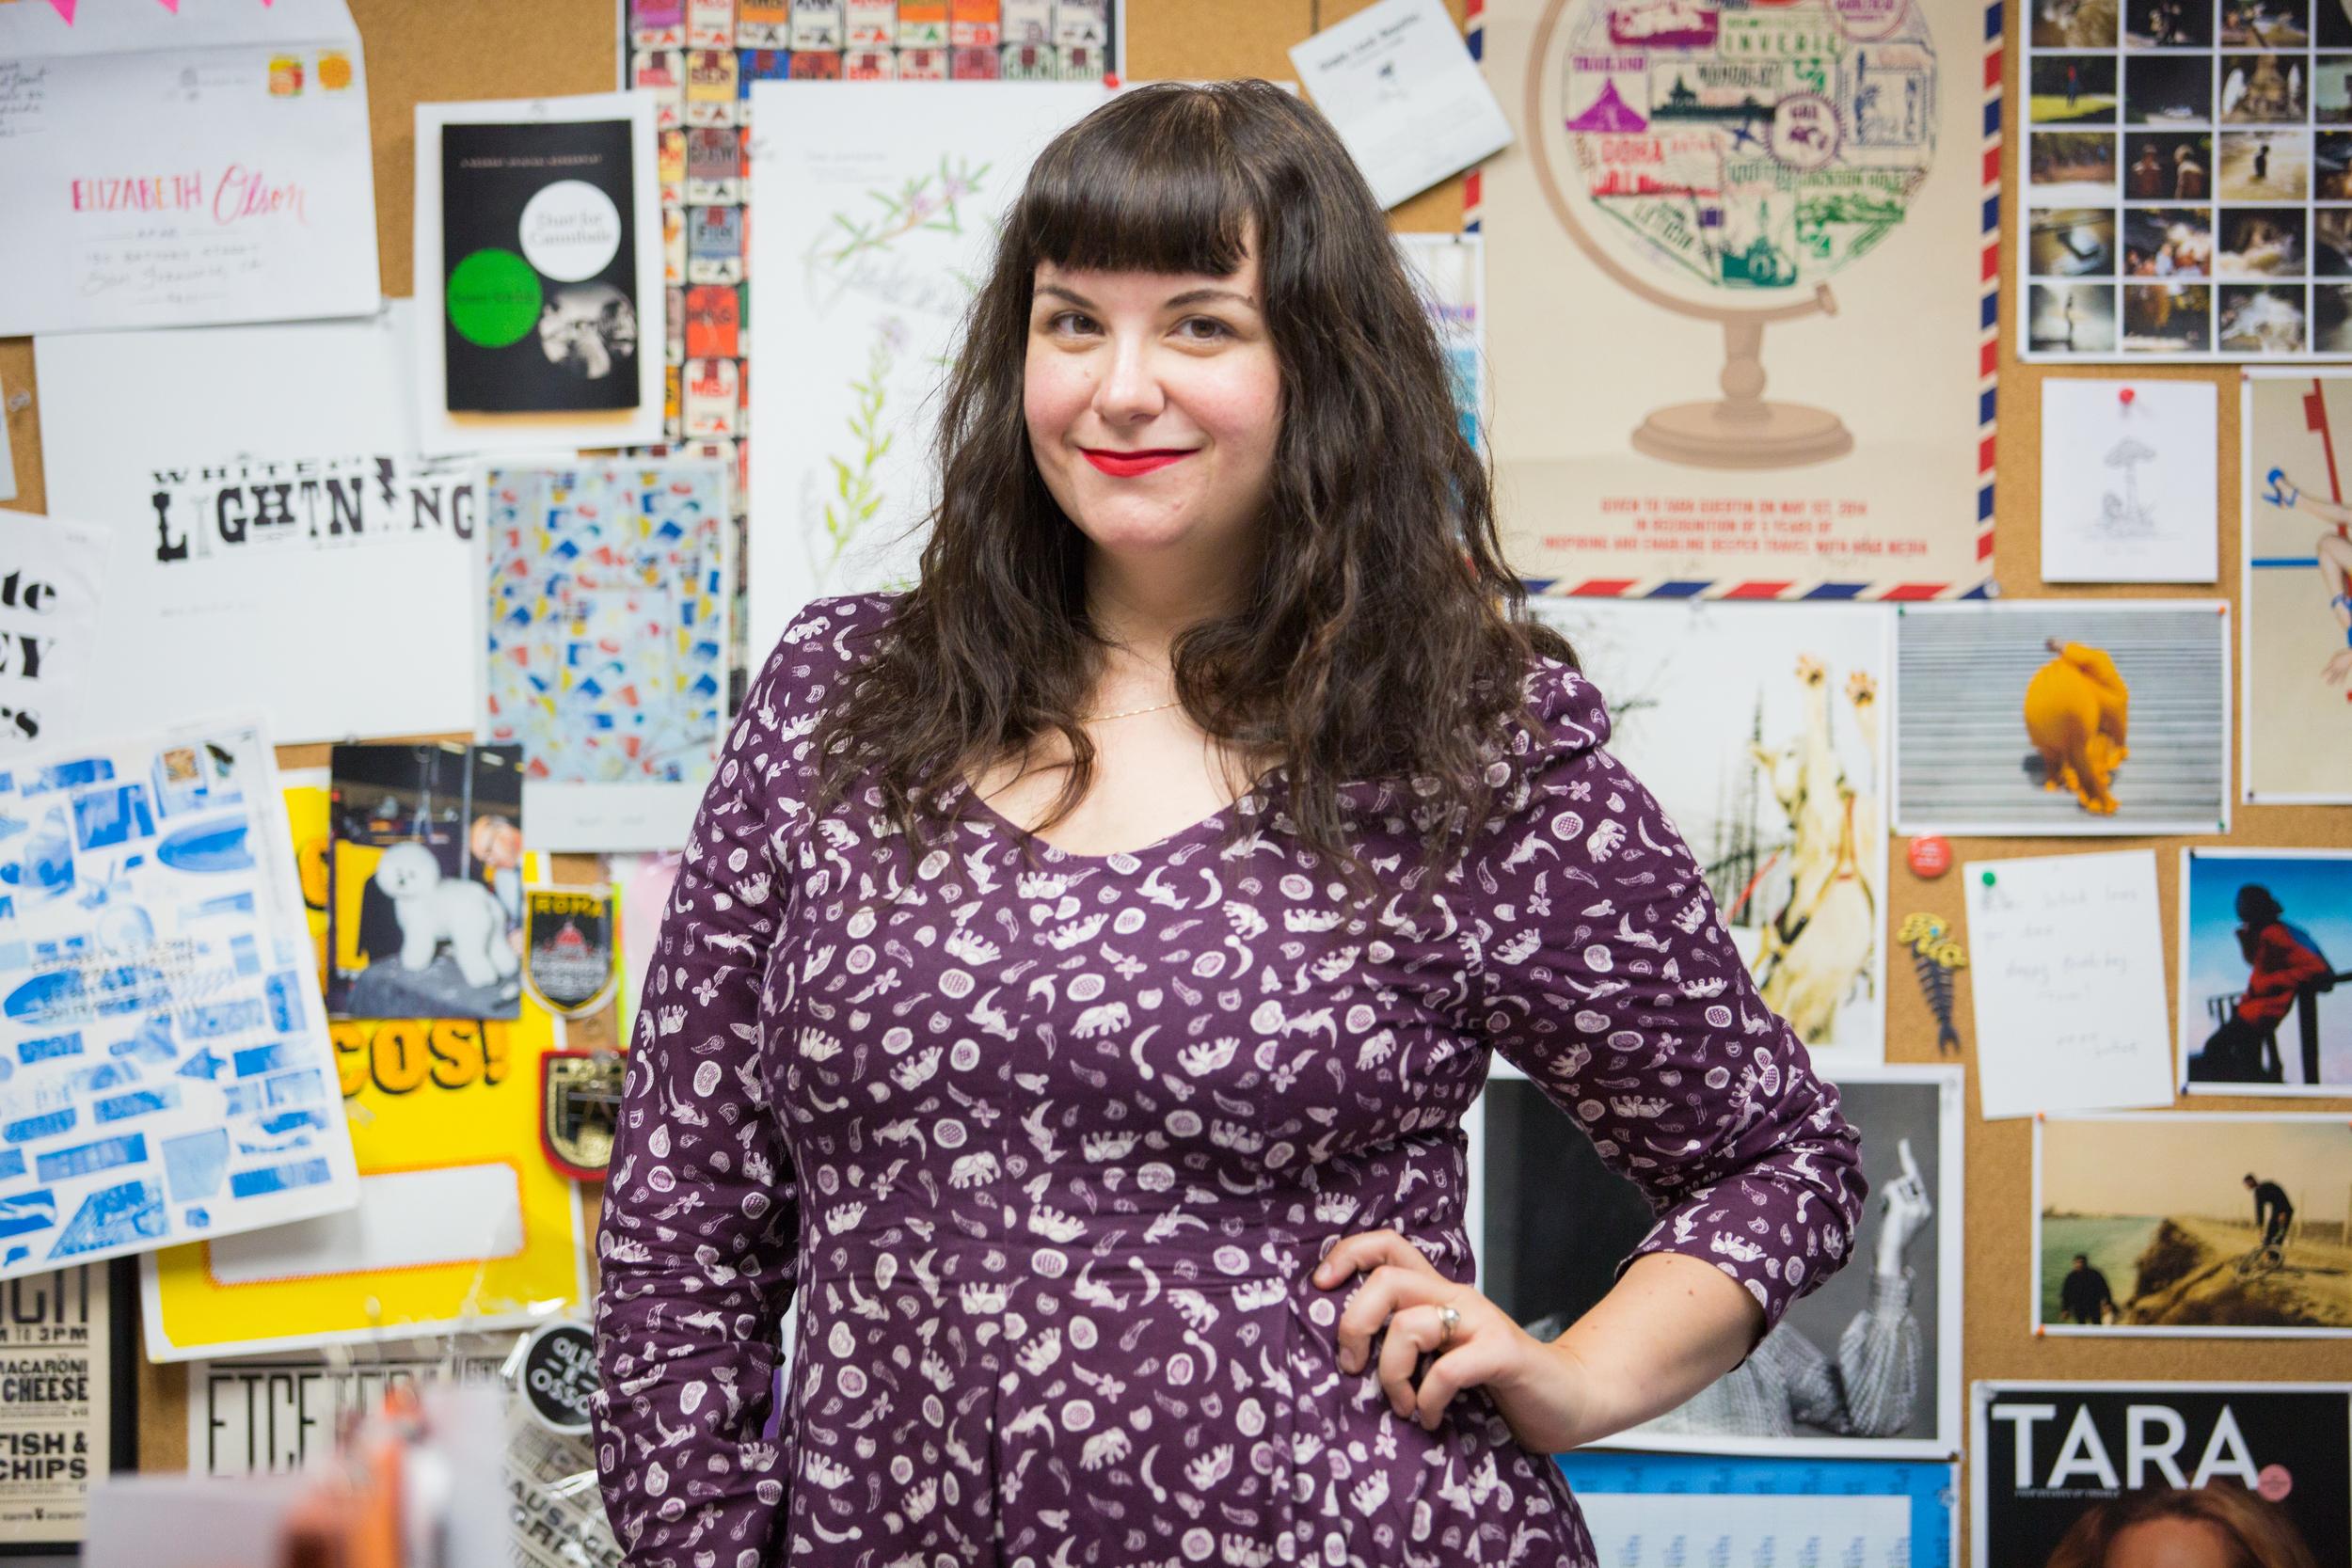 Elizabeth in front of her office mood board.